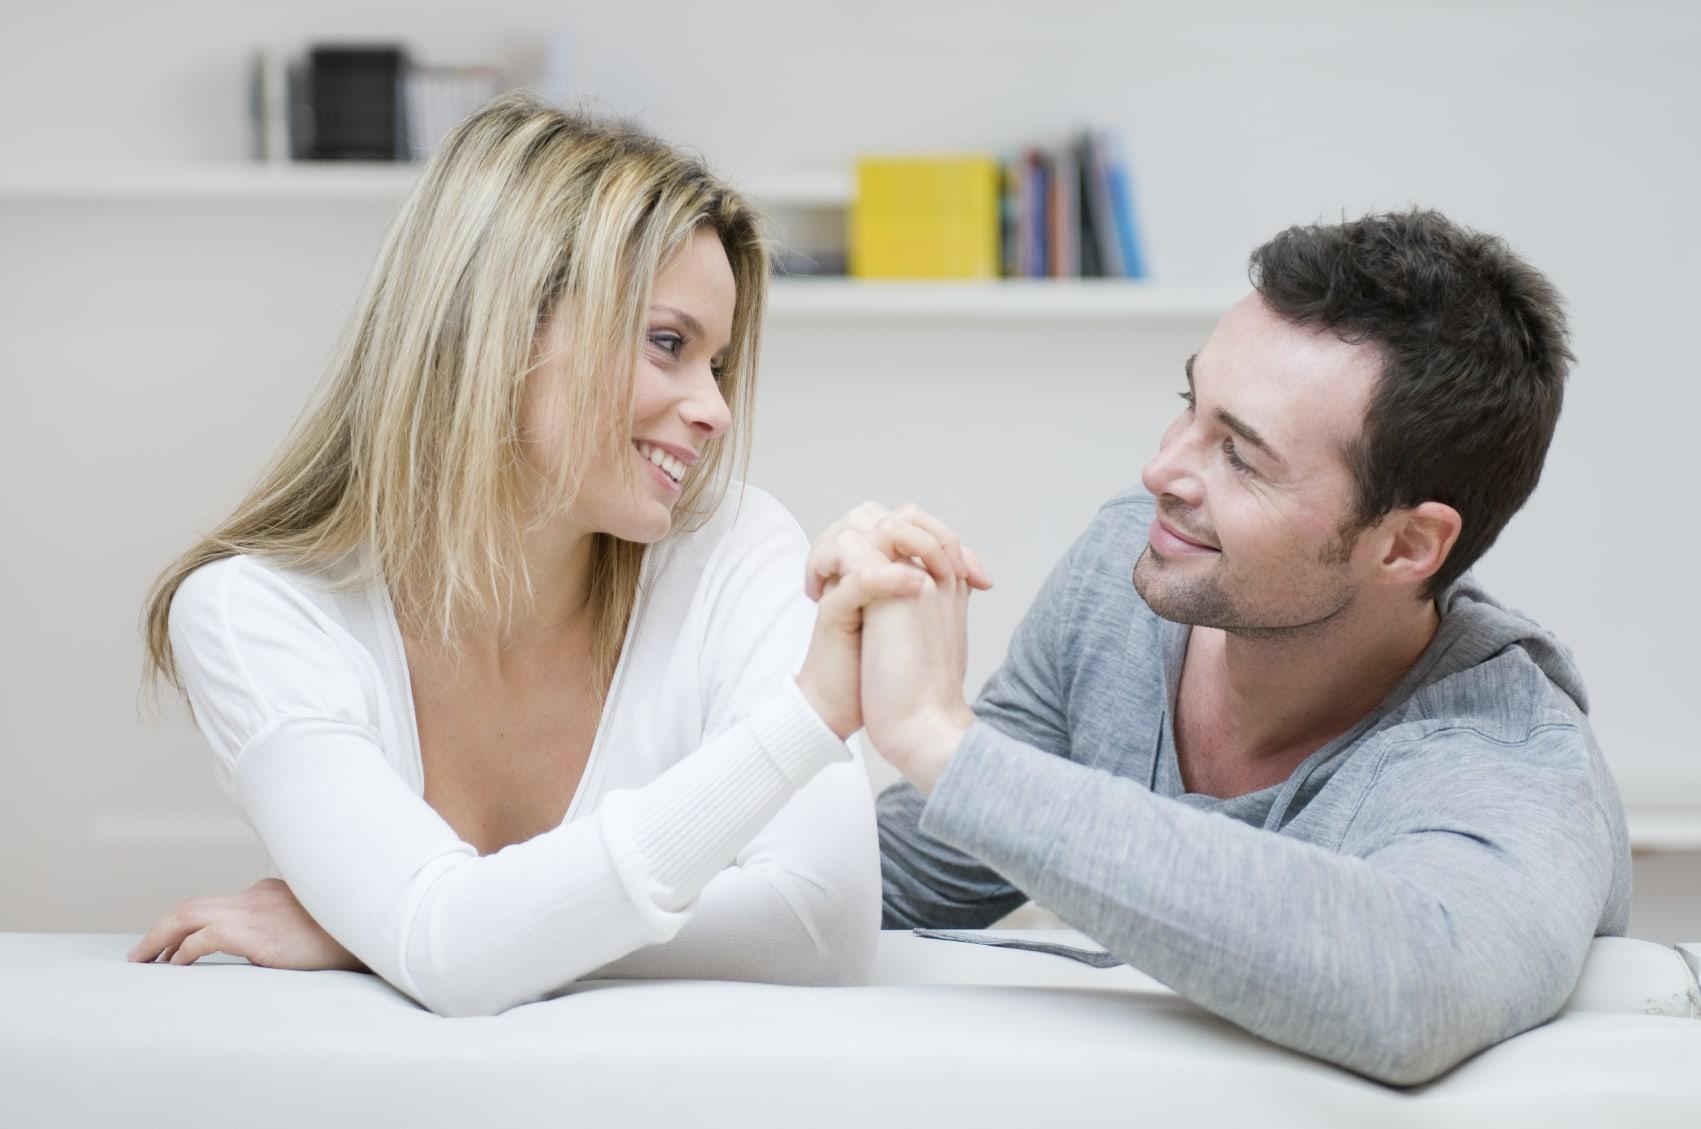 как можно разнообразить отношения с парнем